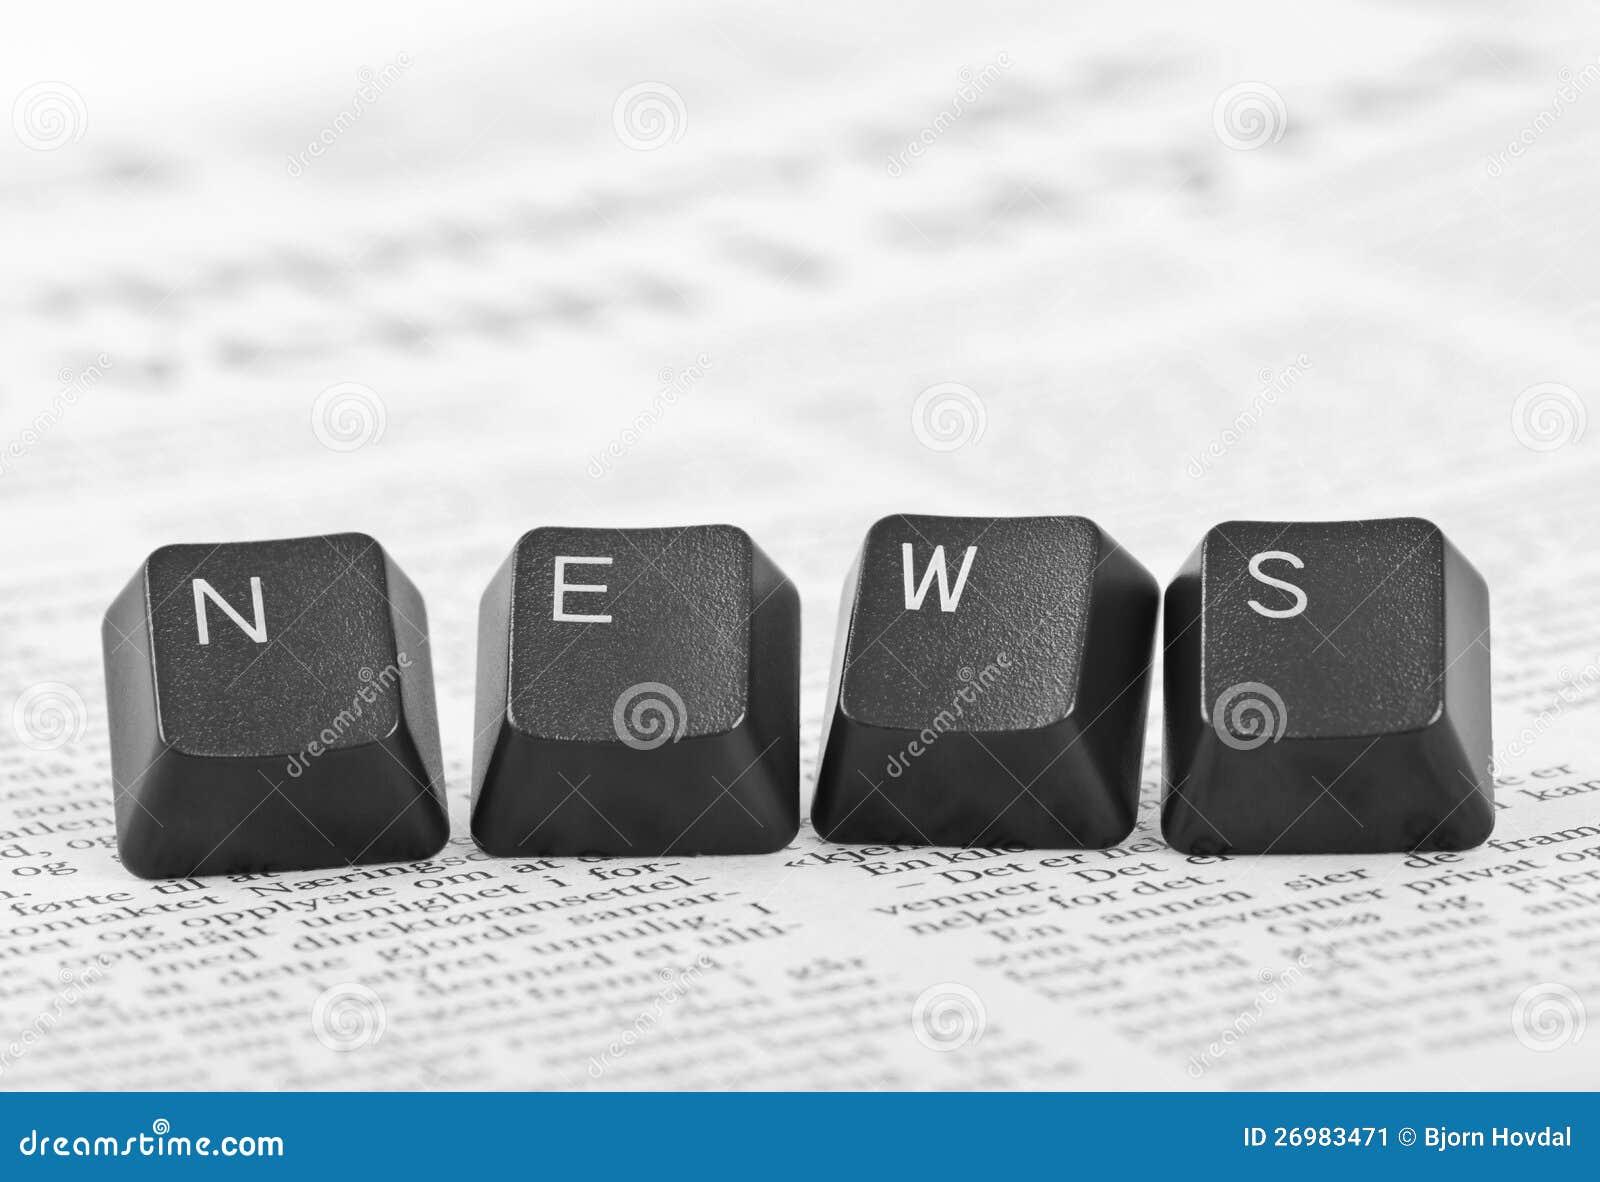 Nyheterna